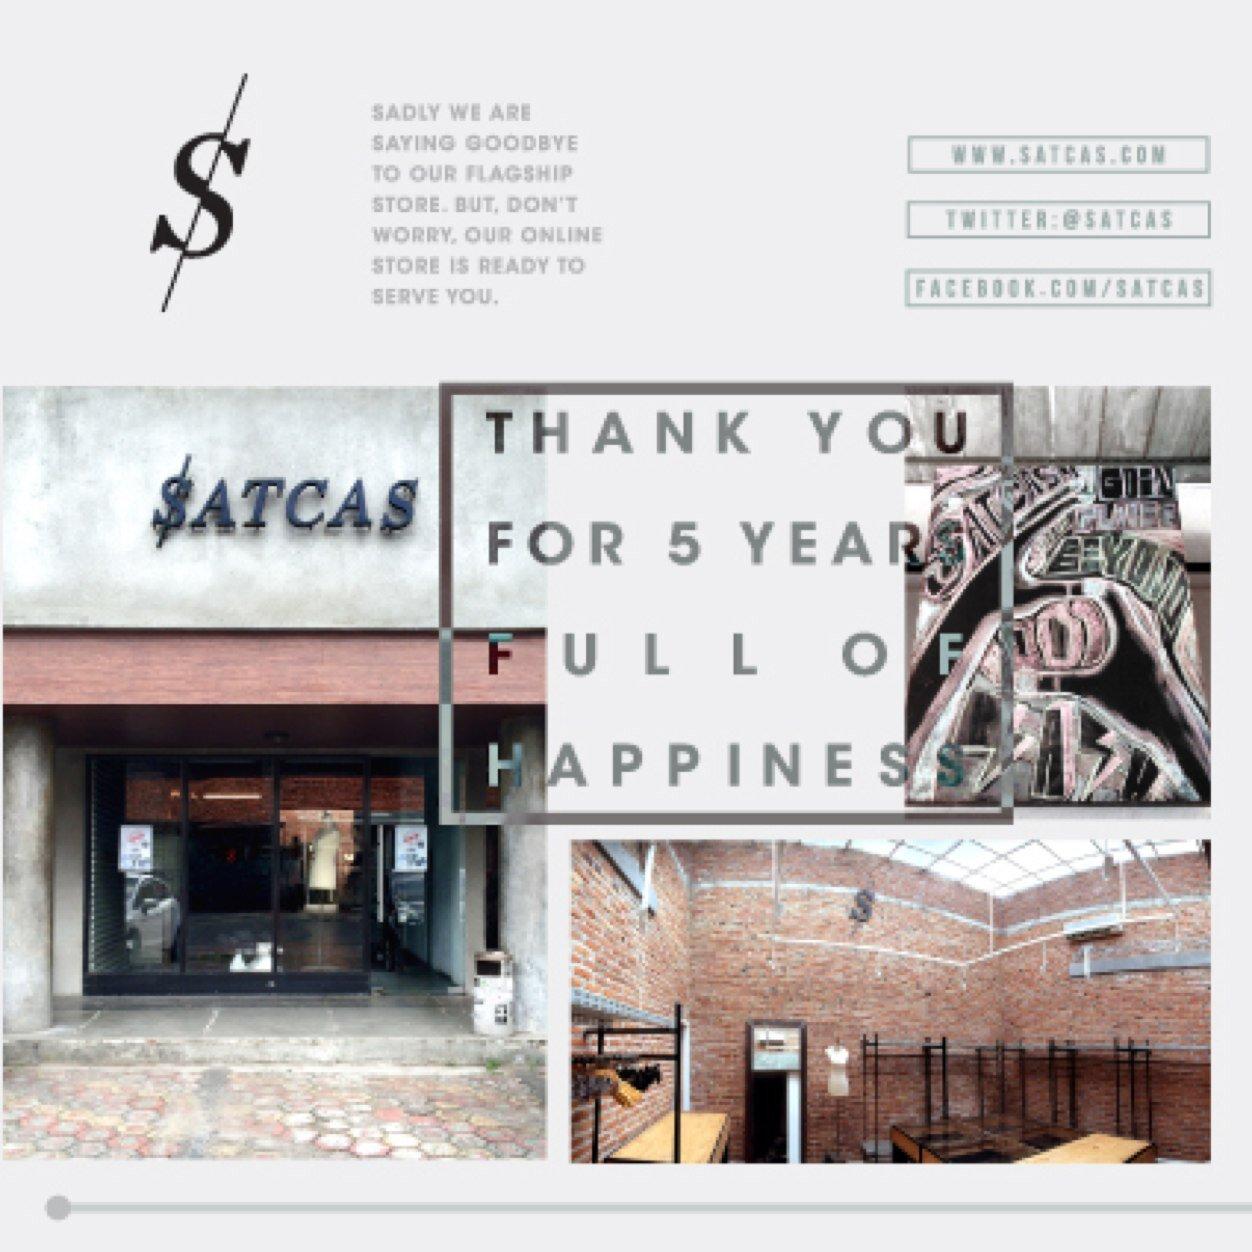 SATCAS Social Profile